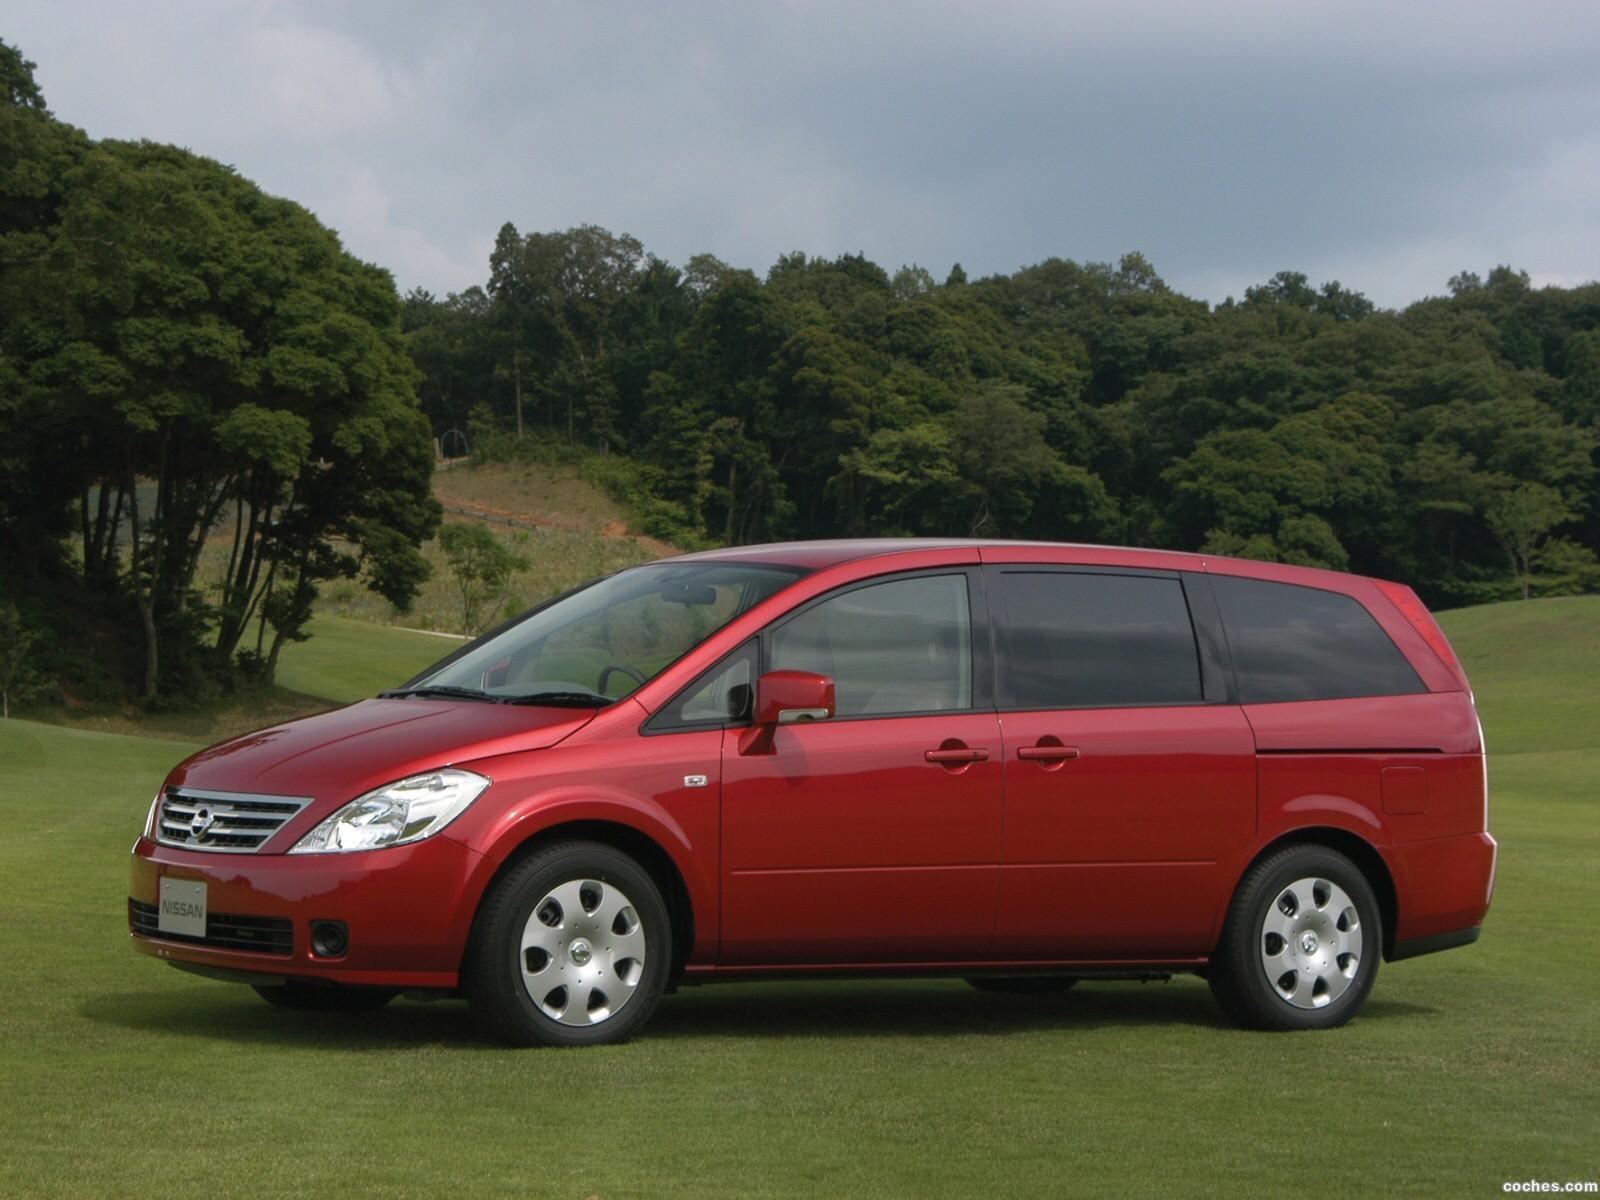 Foto 0 de Nissan Presage 2003